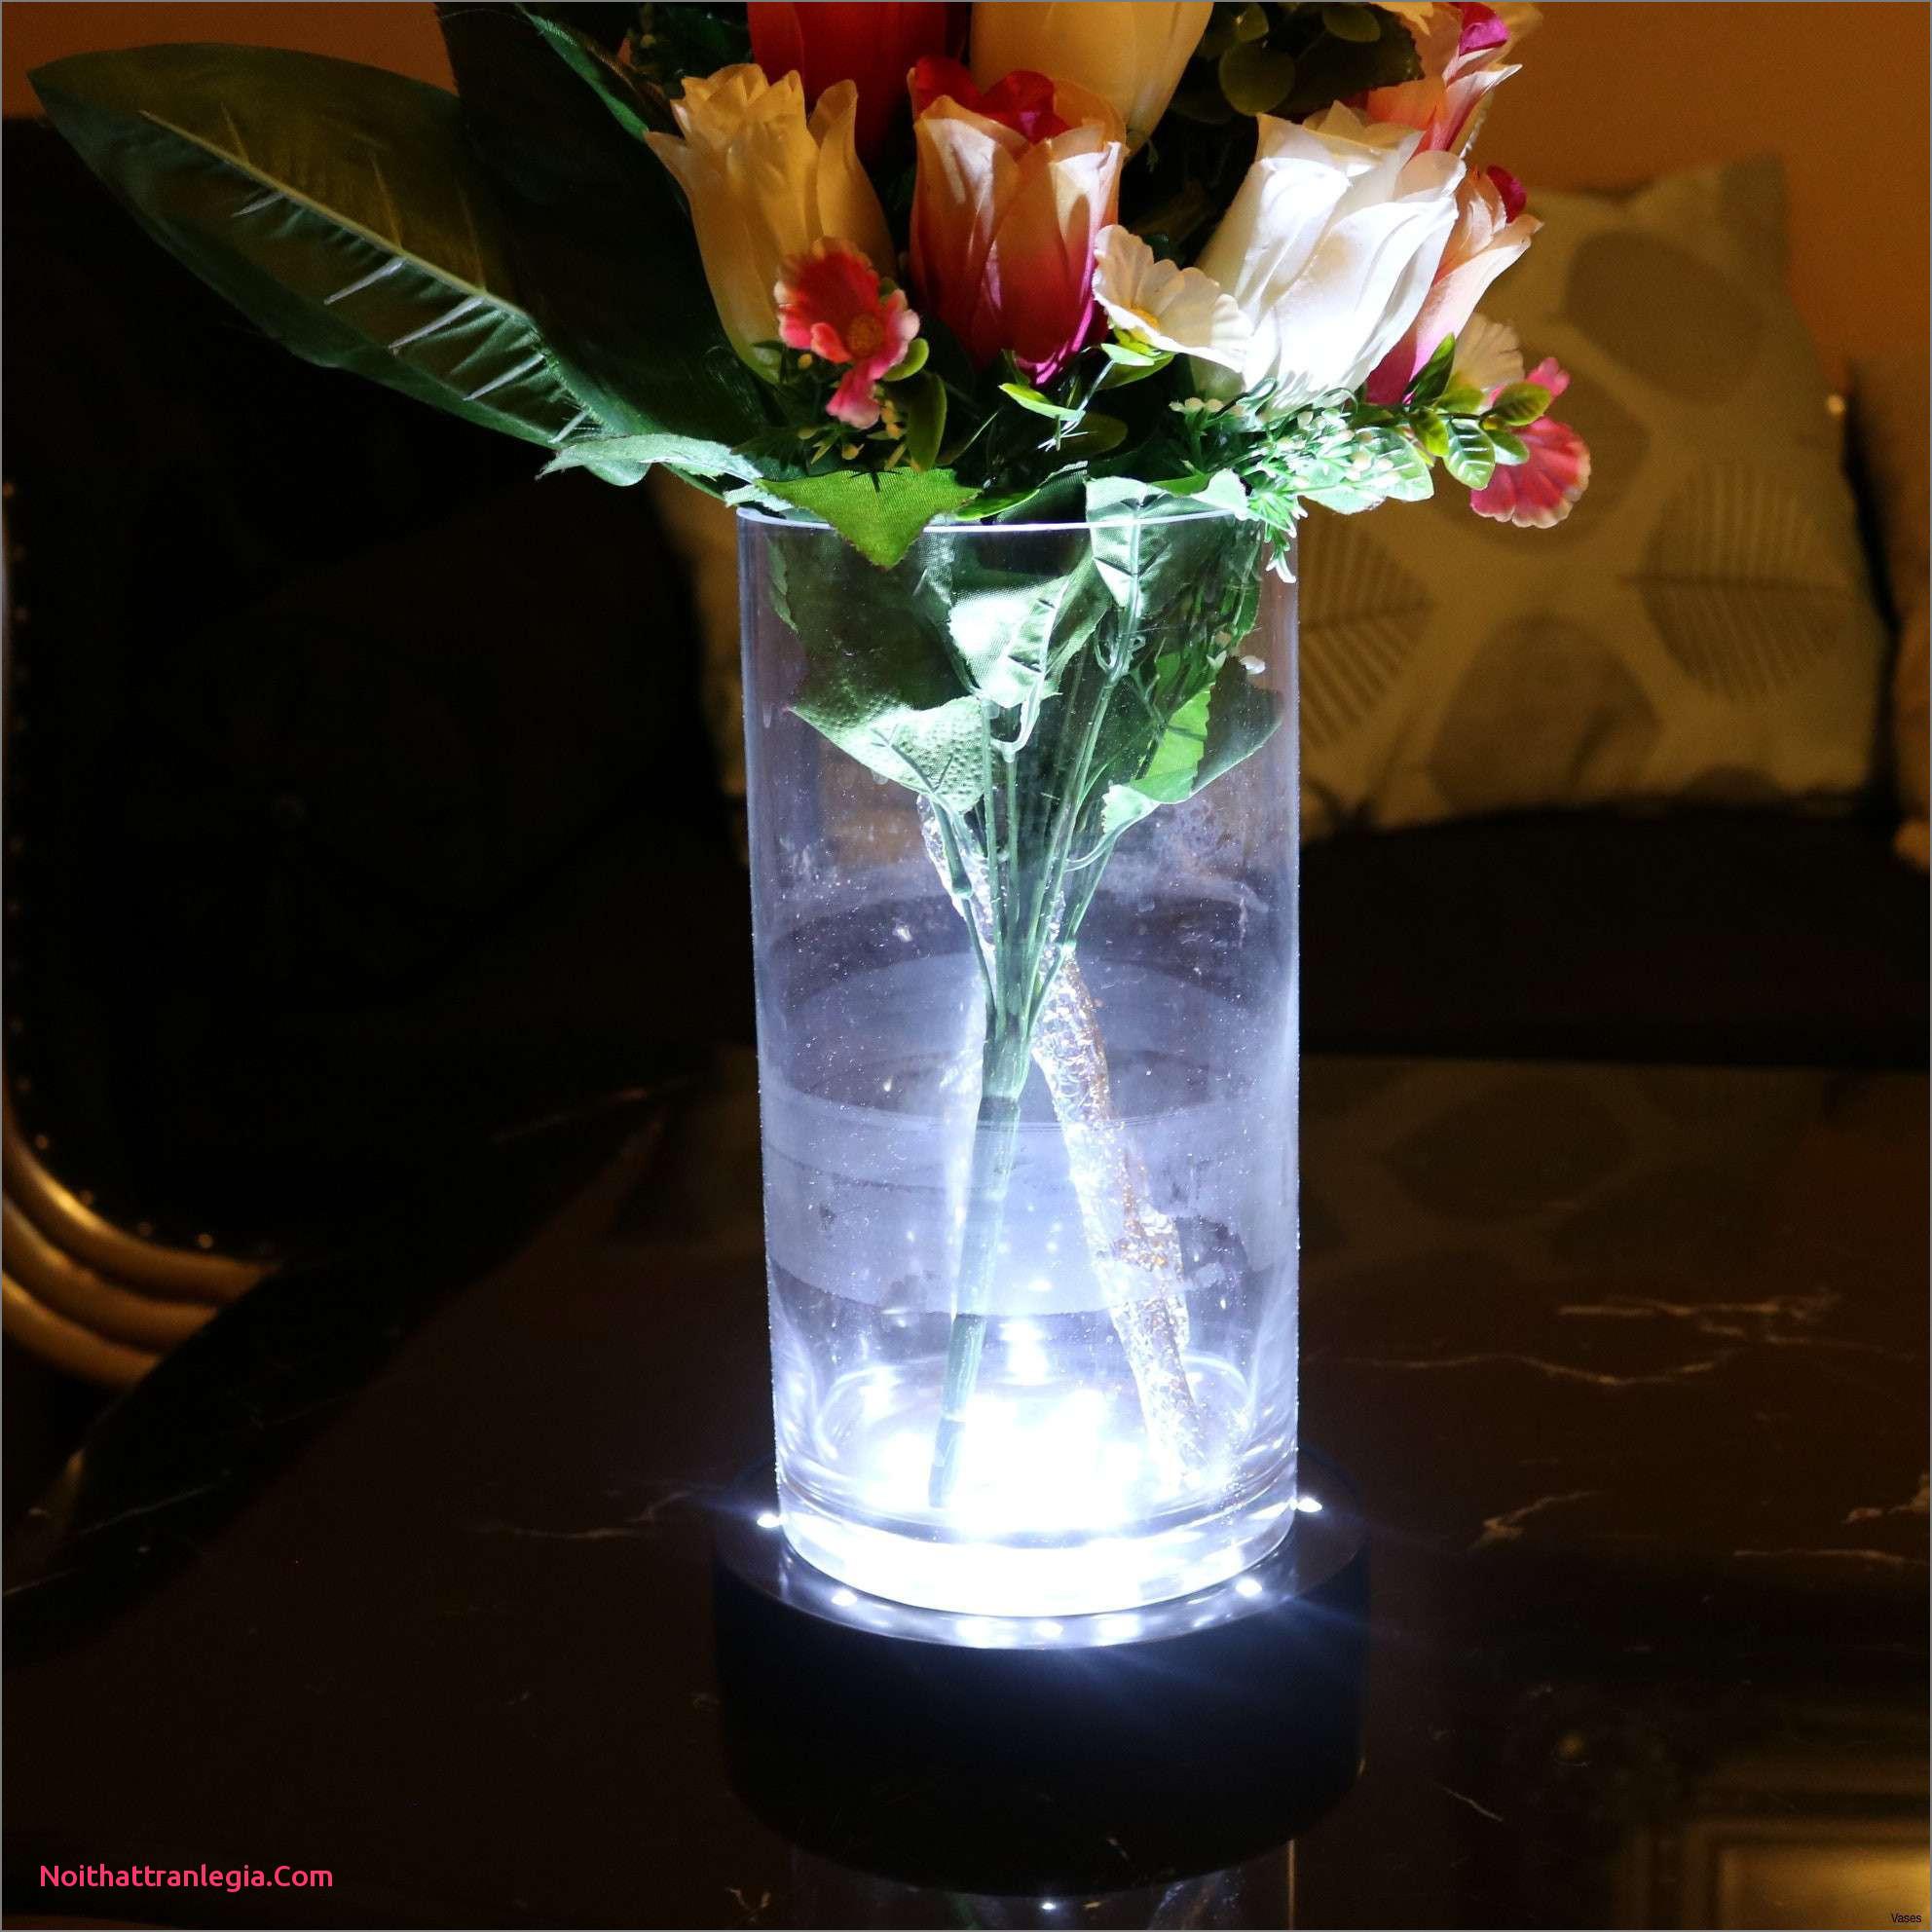 5 glass vase of 20 cut glass antique vase noithattranlegia vases design in glass wall vases gallery vases disposable plastic single cheap flower rose vasei 0d design glass